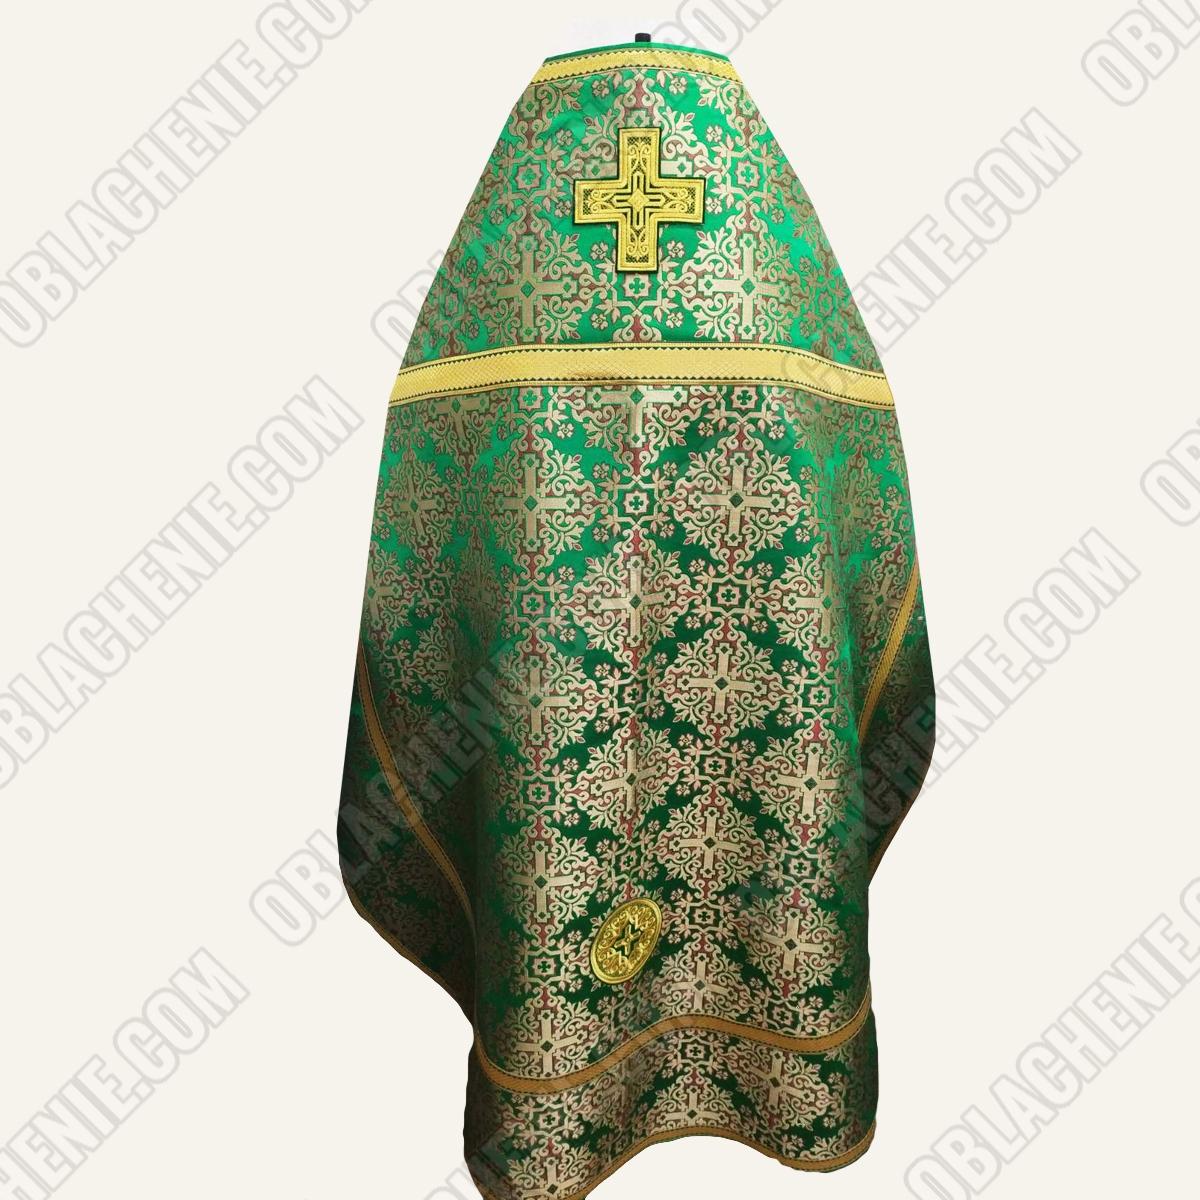 PRIEST'S VESTMENTS 11173